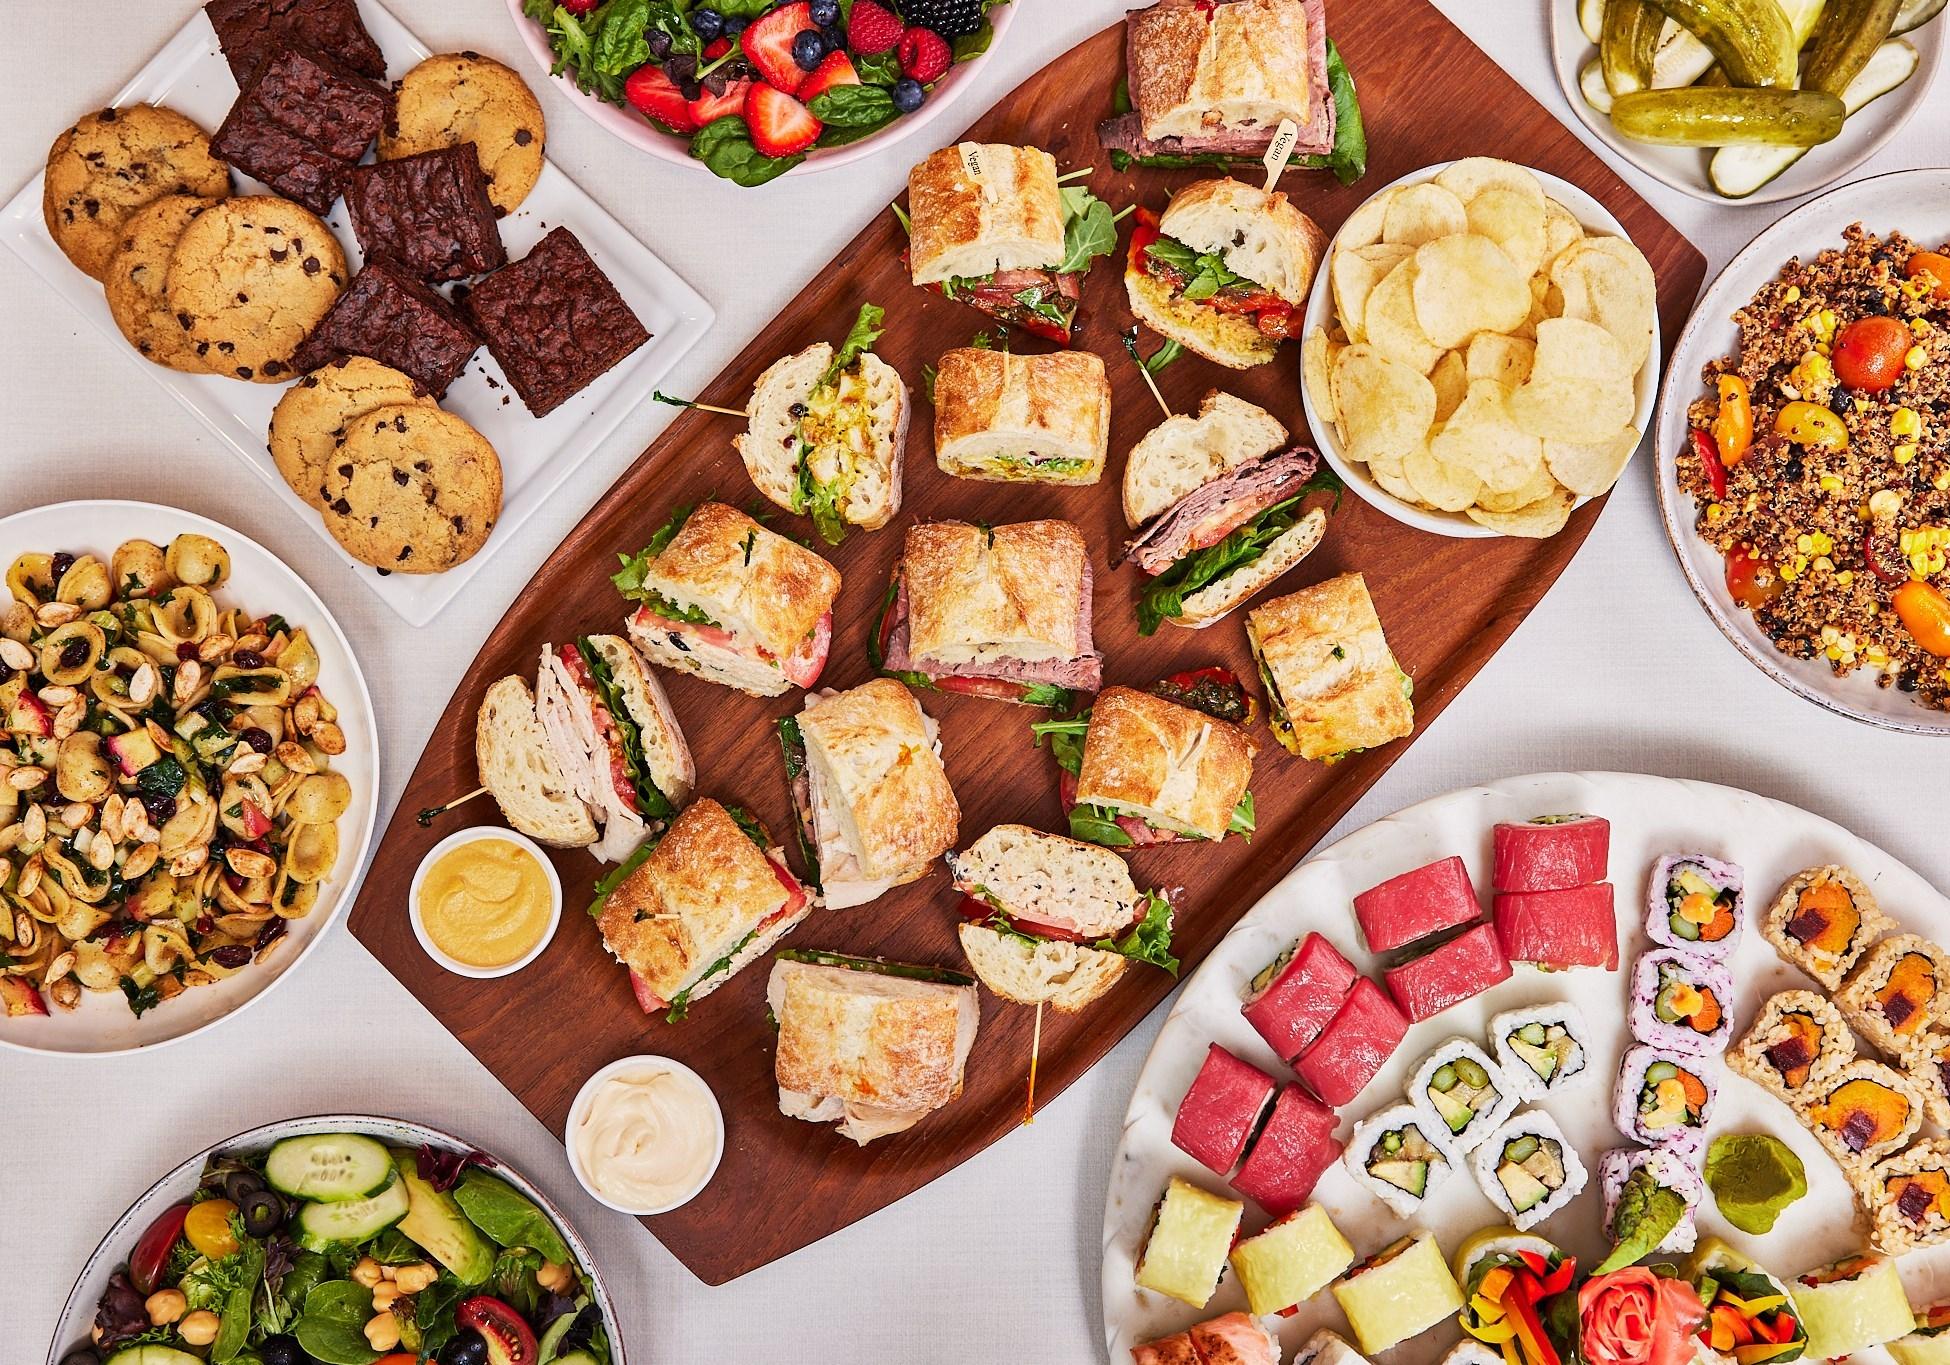 Boston Common Sushi & Sandwich Package - Deli Medium